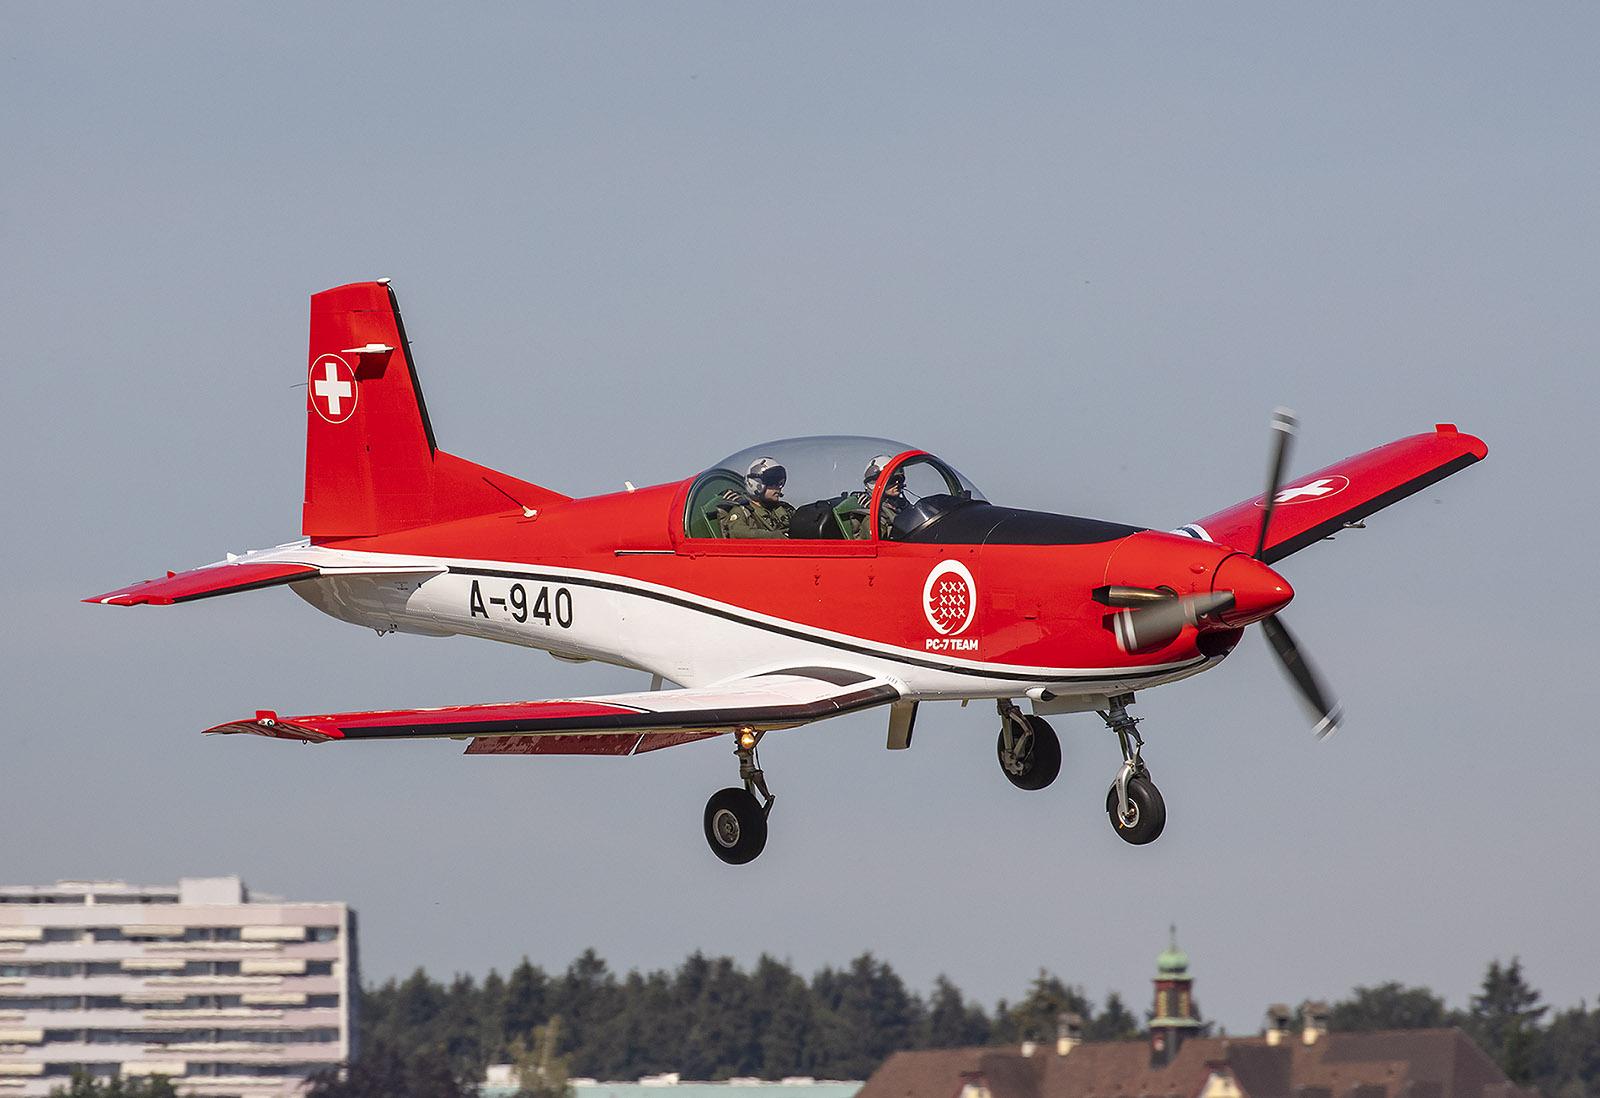 Das Standardmuster der Pilotenschule ist die Pilatus PC-7